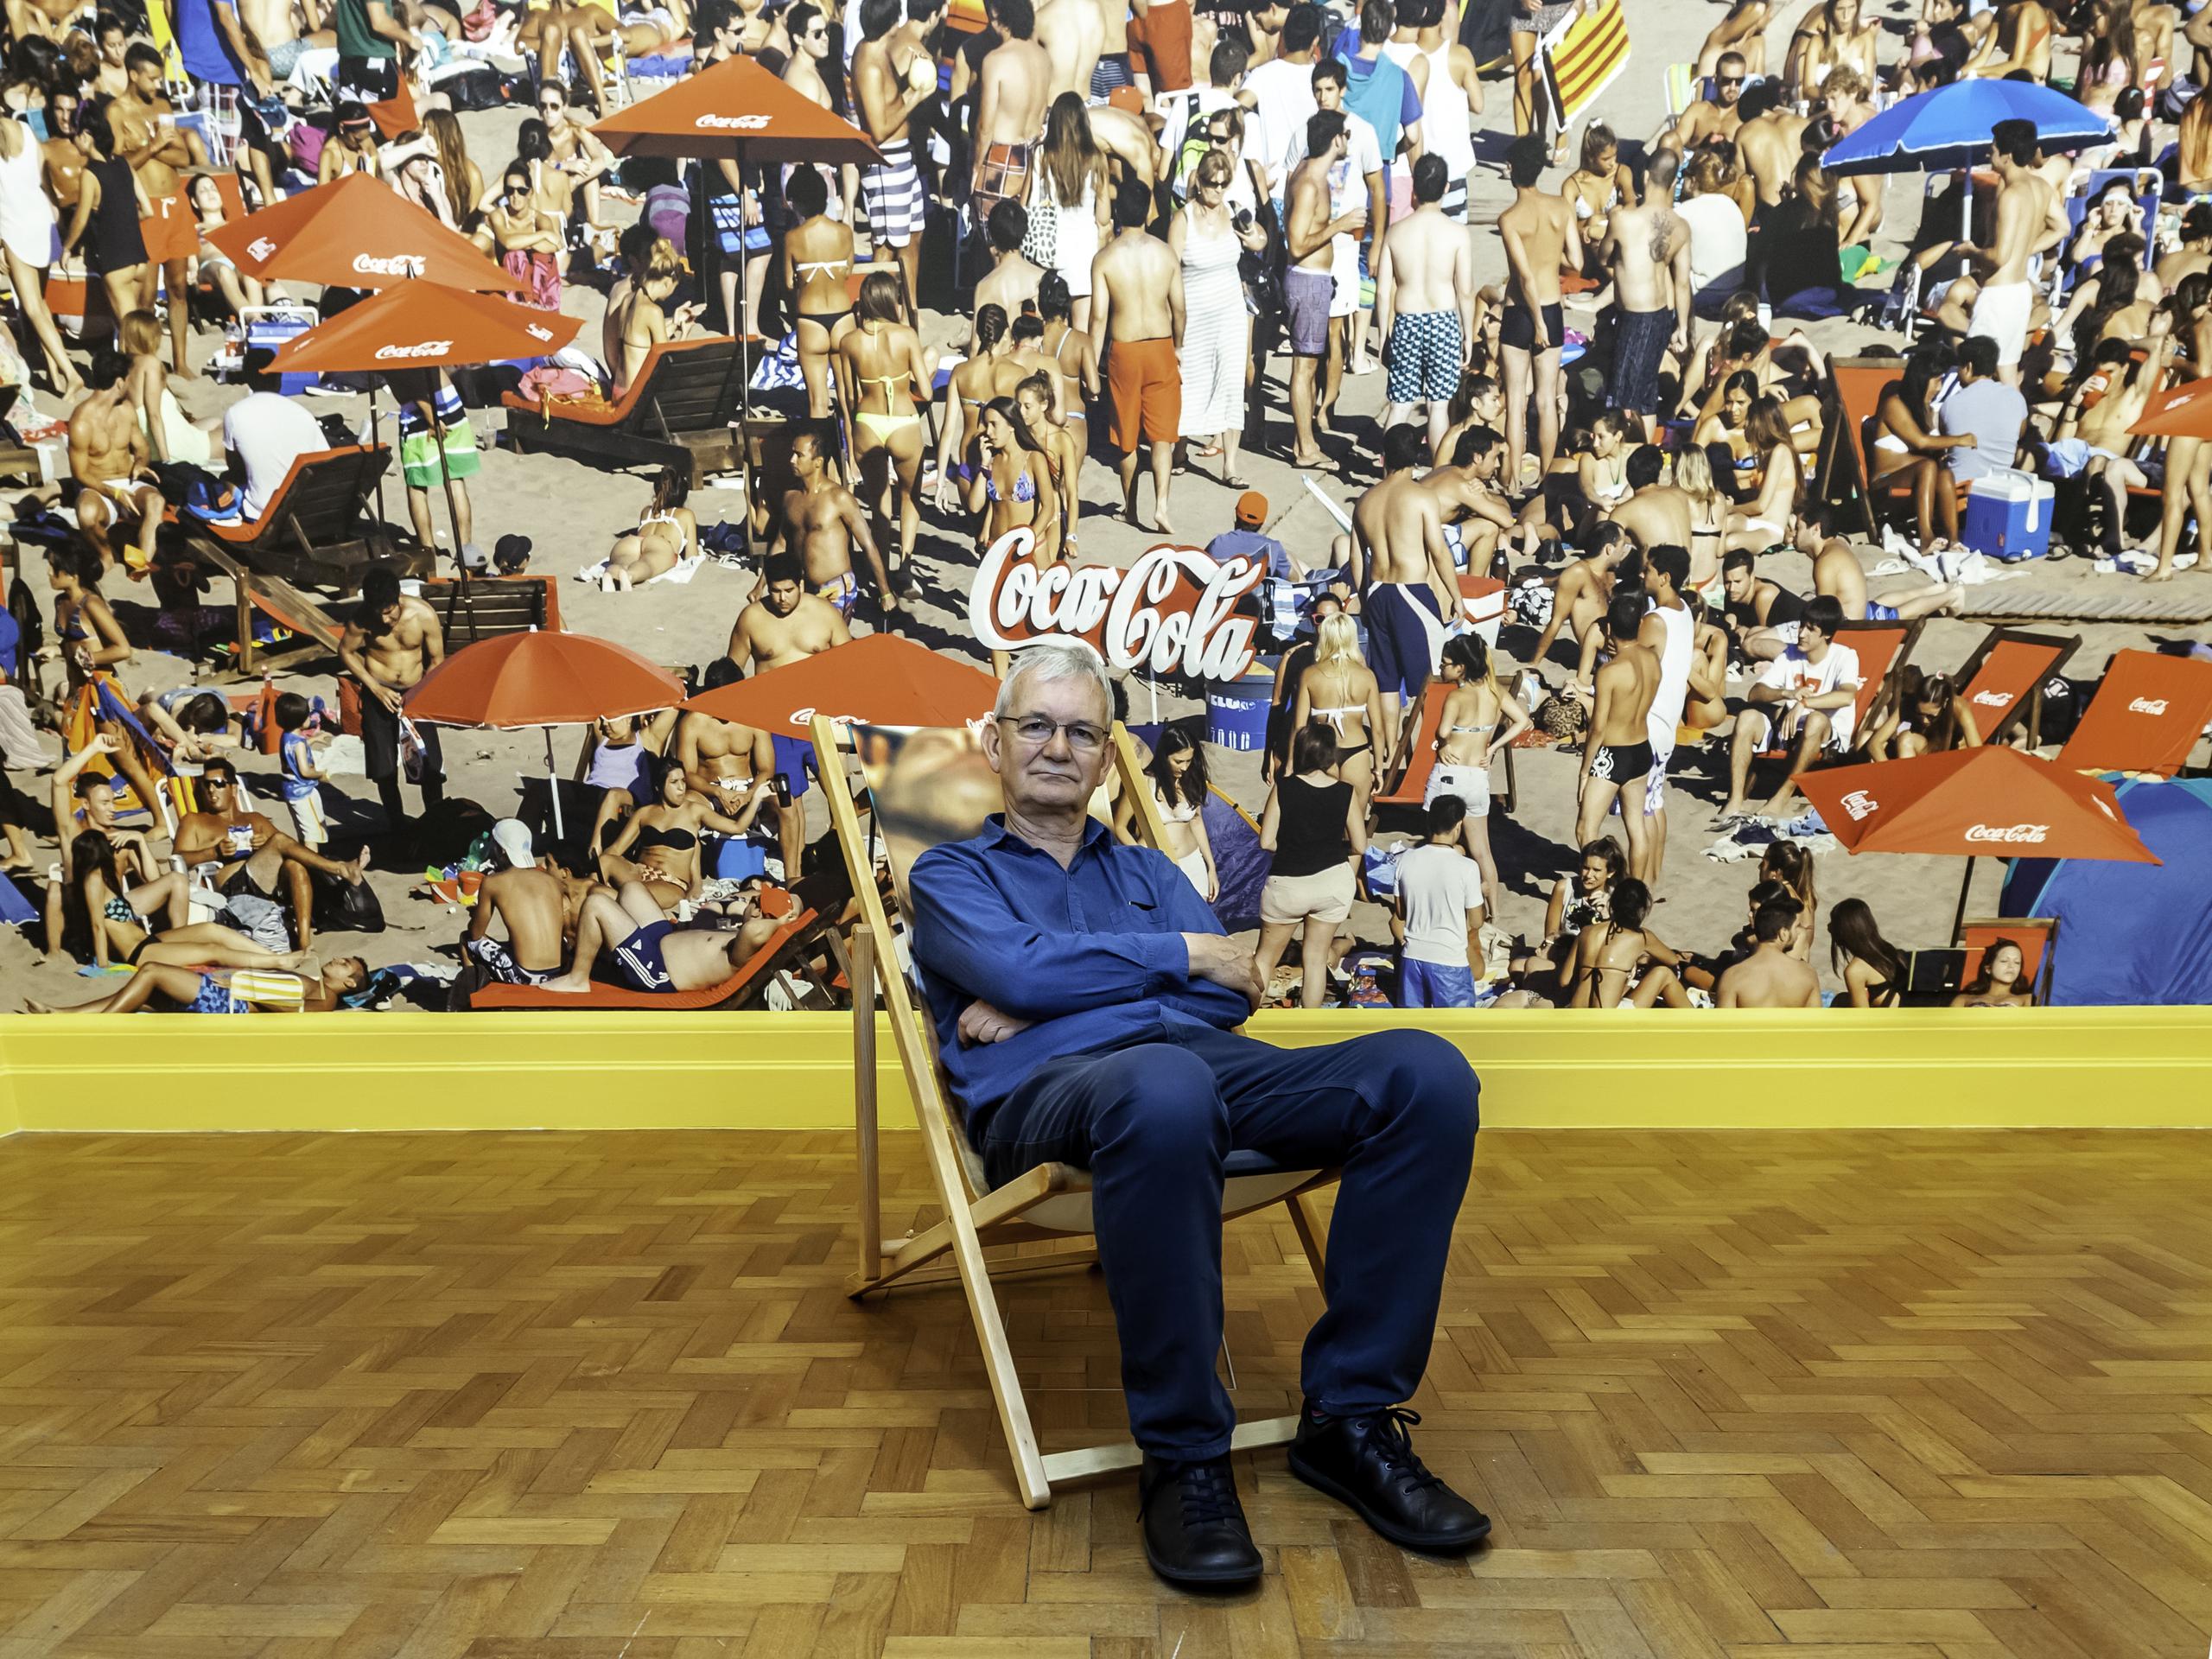 תערוכת אומנות חדשה בלונדון לצלם מרטין פר